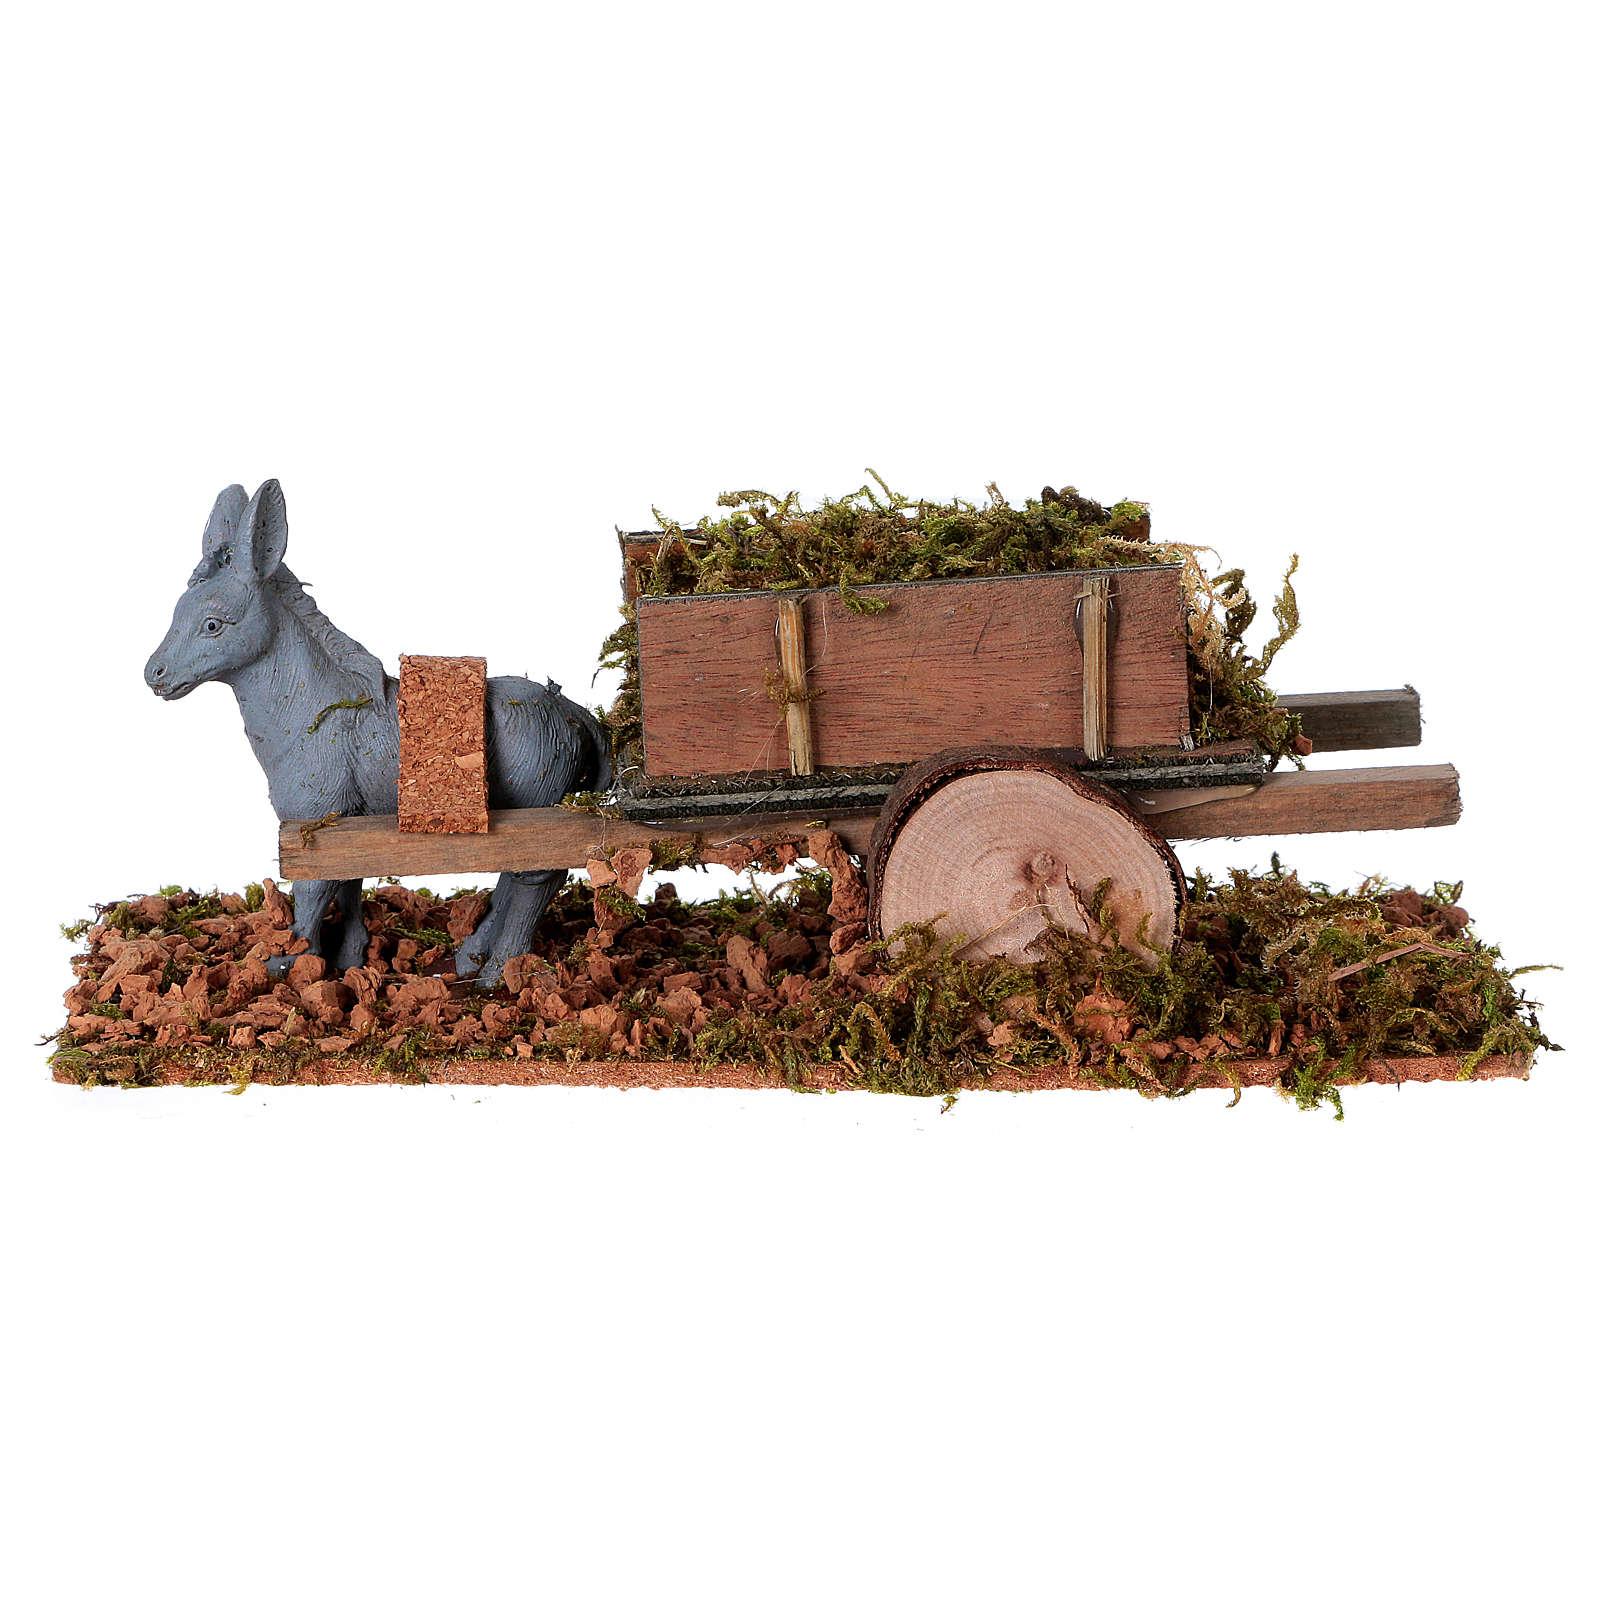 Asinello con carretto carico di erba presepe 8 cm 3